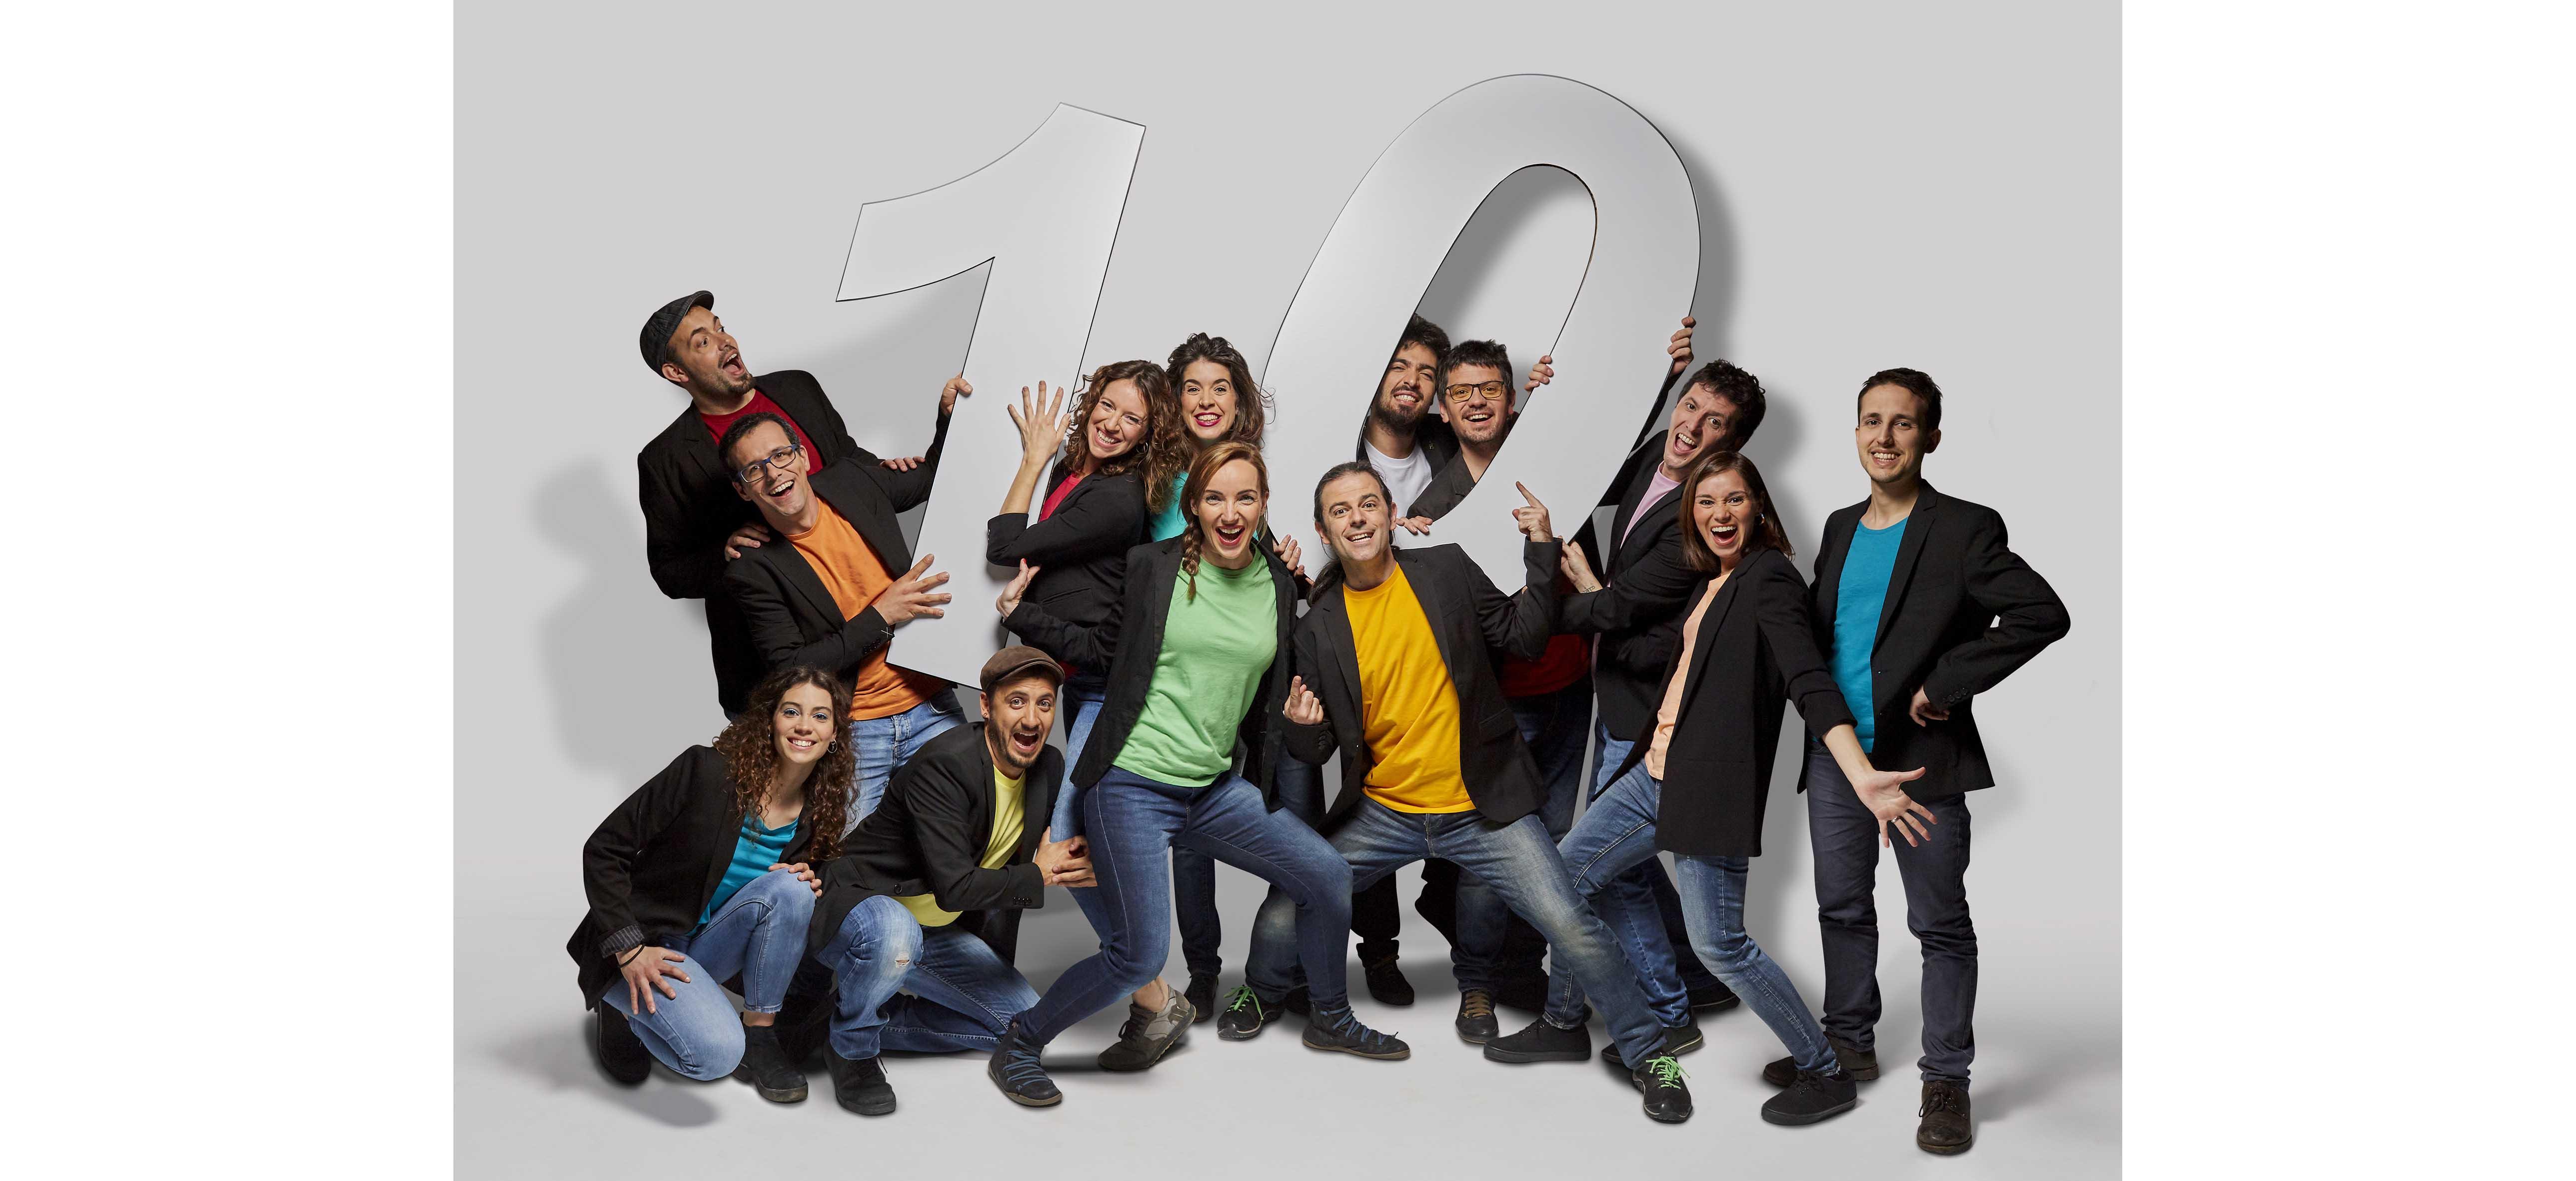 10 anys amb El Pot Petit representació reprogramada diumenge 22 de desembre 17:30h